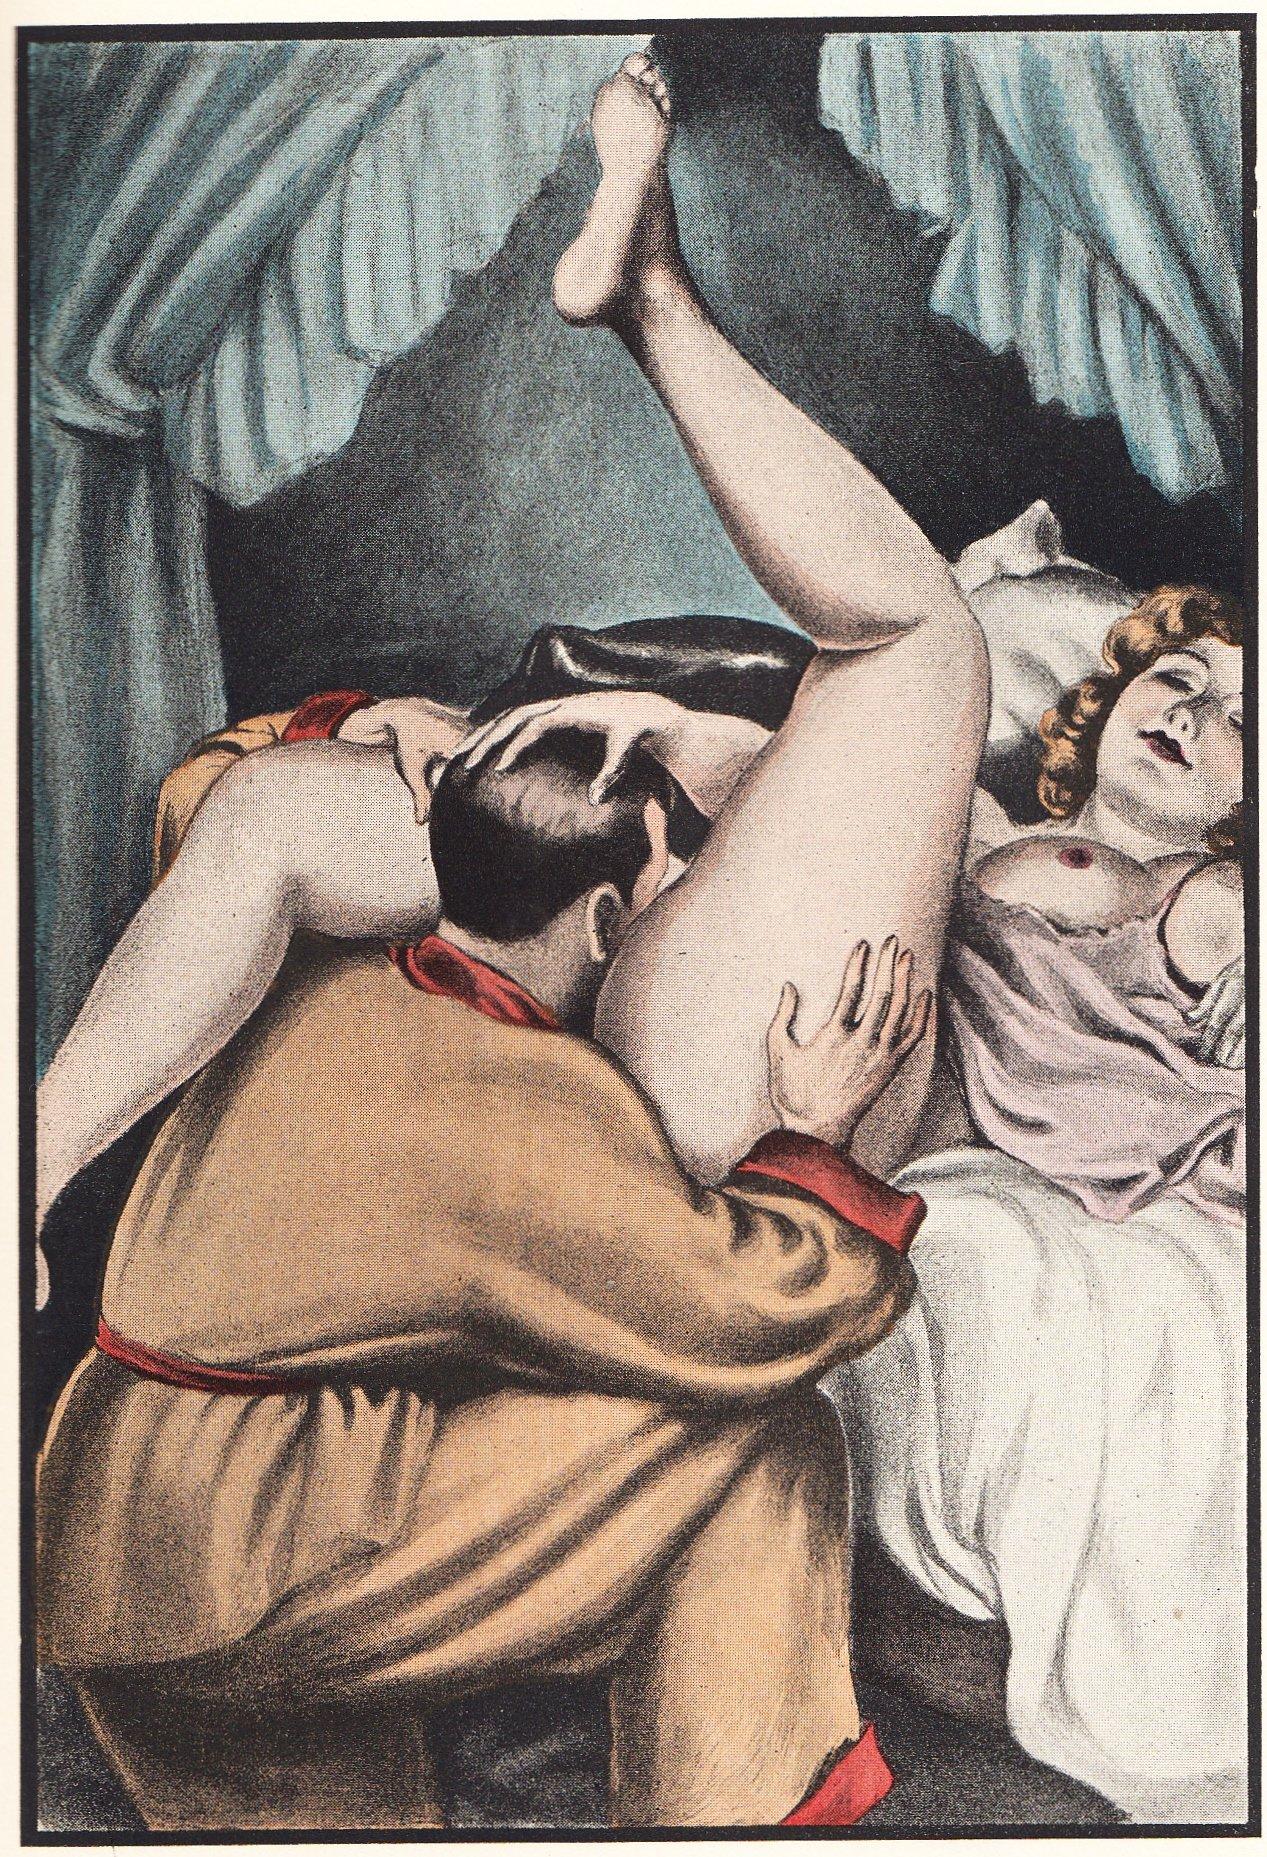 Unidentified vintage sex 2 19301940 - 5 2